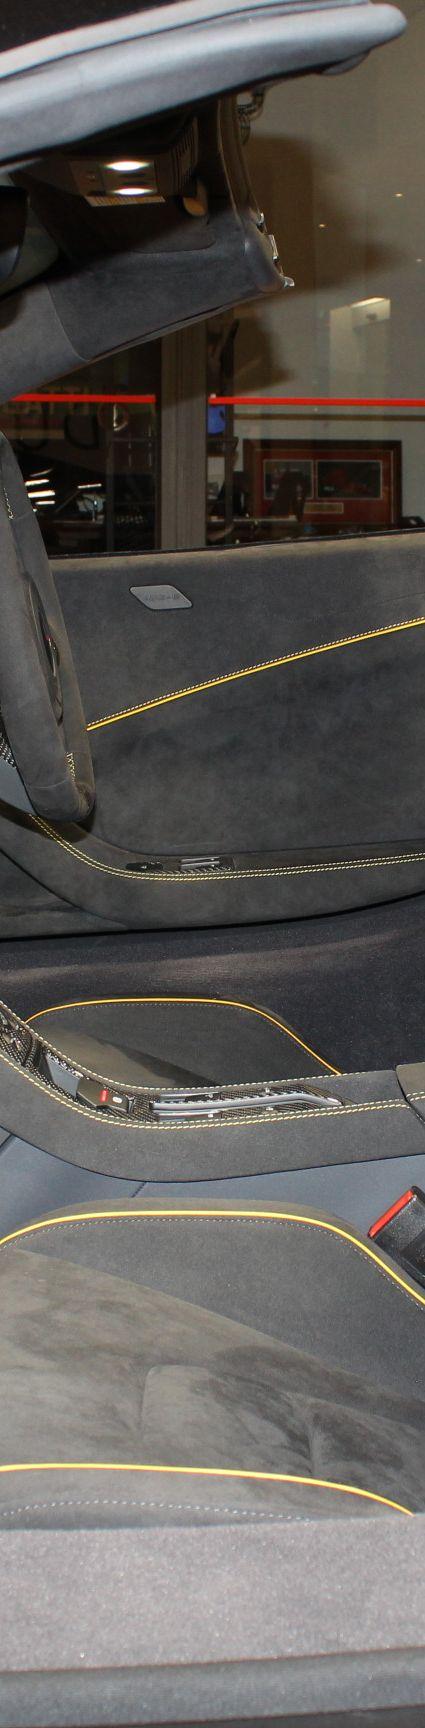 2015 McLaren 650S Spider 2dr SSG 7sp 3.8TT [MY15] - for sale in australia